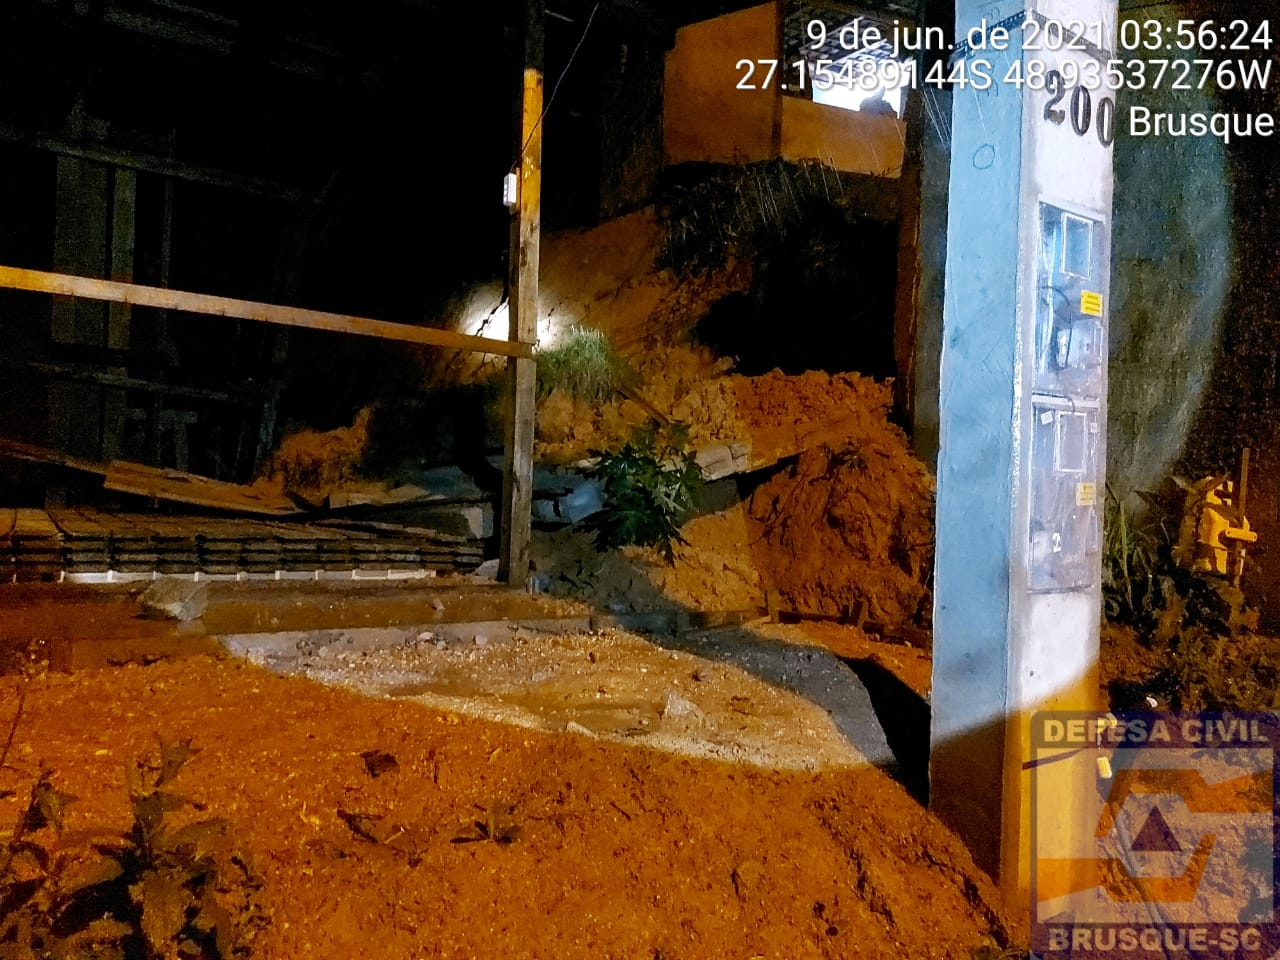 Ocorrências de deslizamento foram registradas na noite desta terça-feira (8) em Brusque - Divulgação/Defesa Civil de Brusque/ND